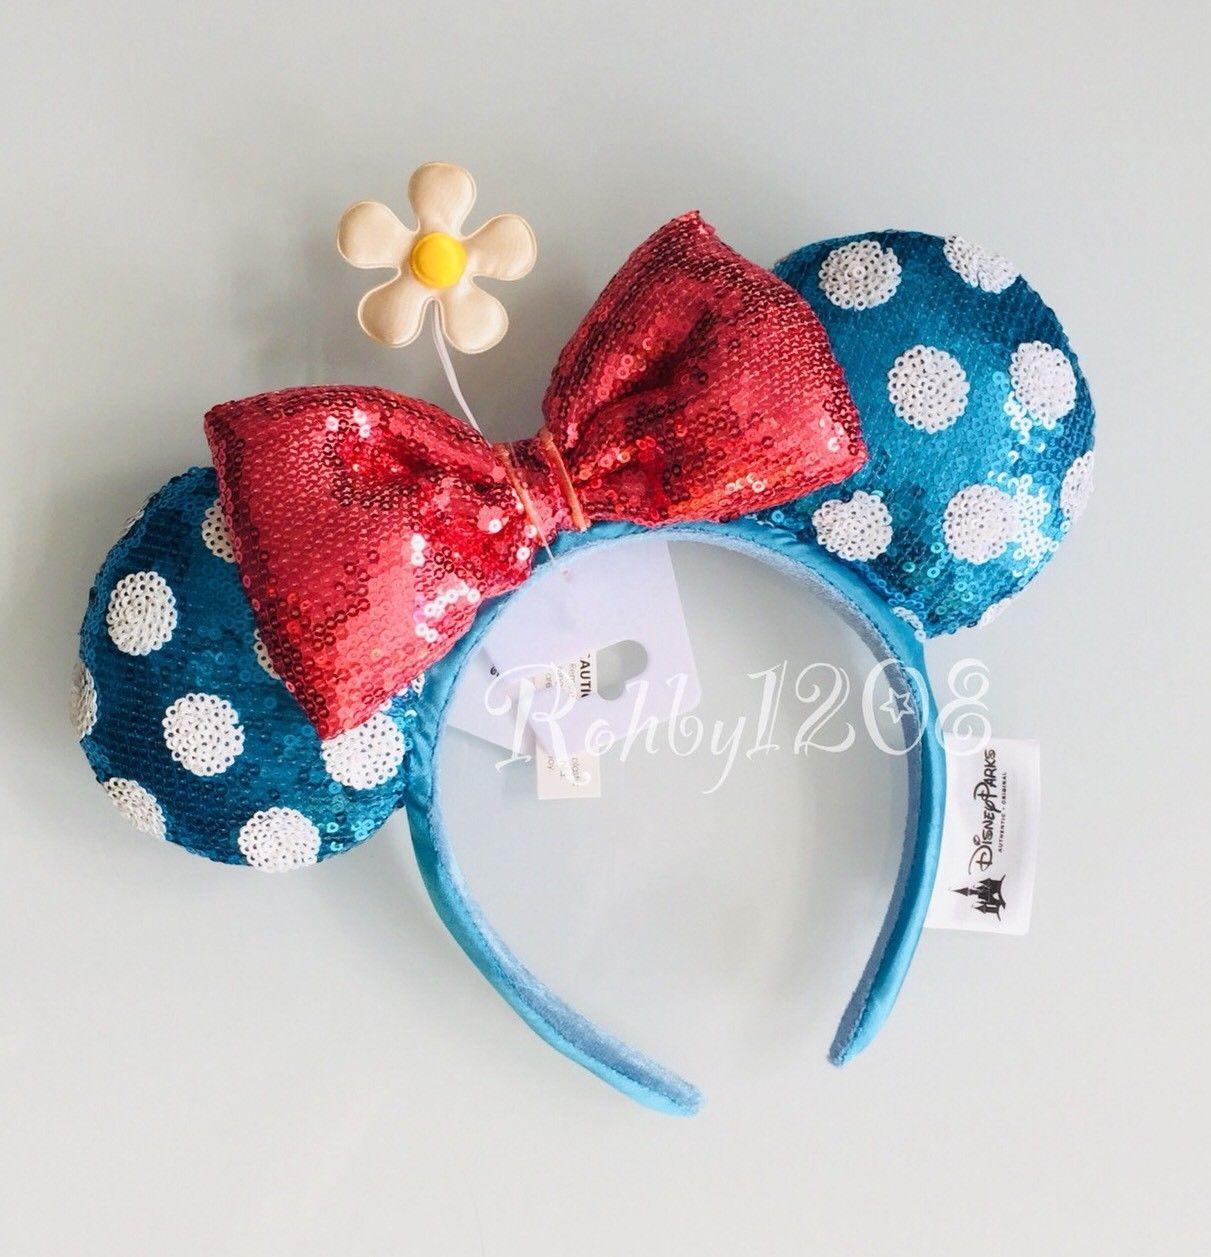 Disney Blue Teal Sequin Polka Dot White Daisy Timeless Minnie Ears Headband